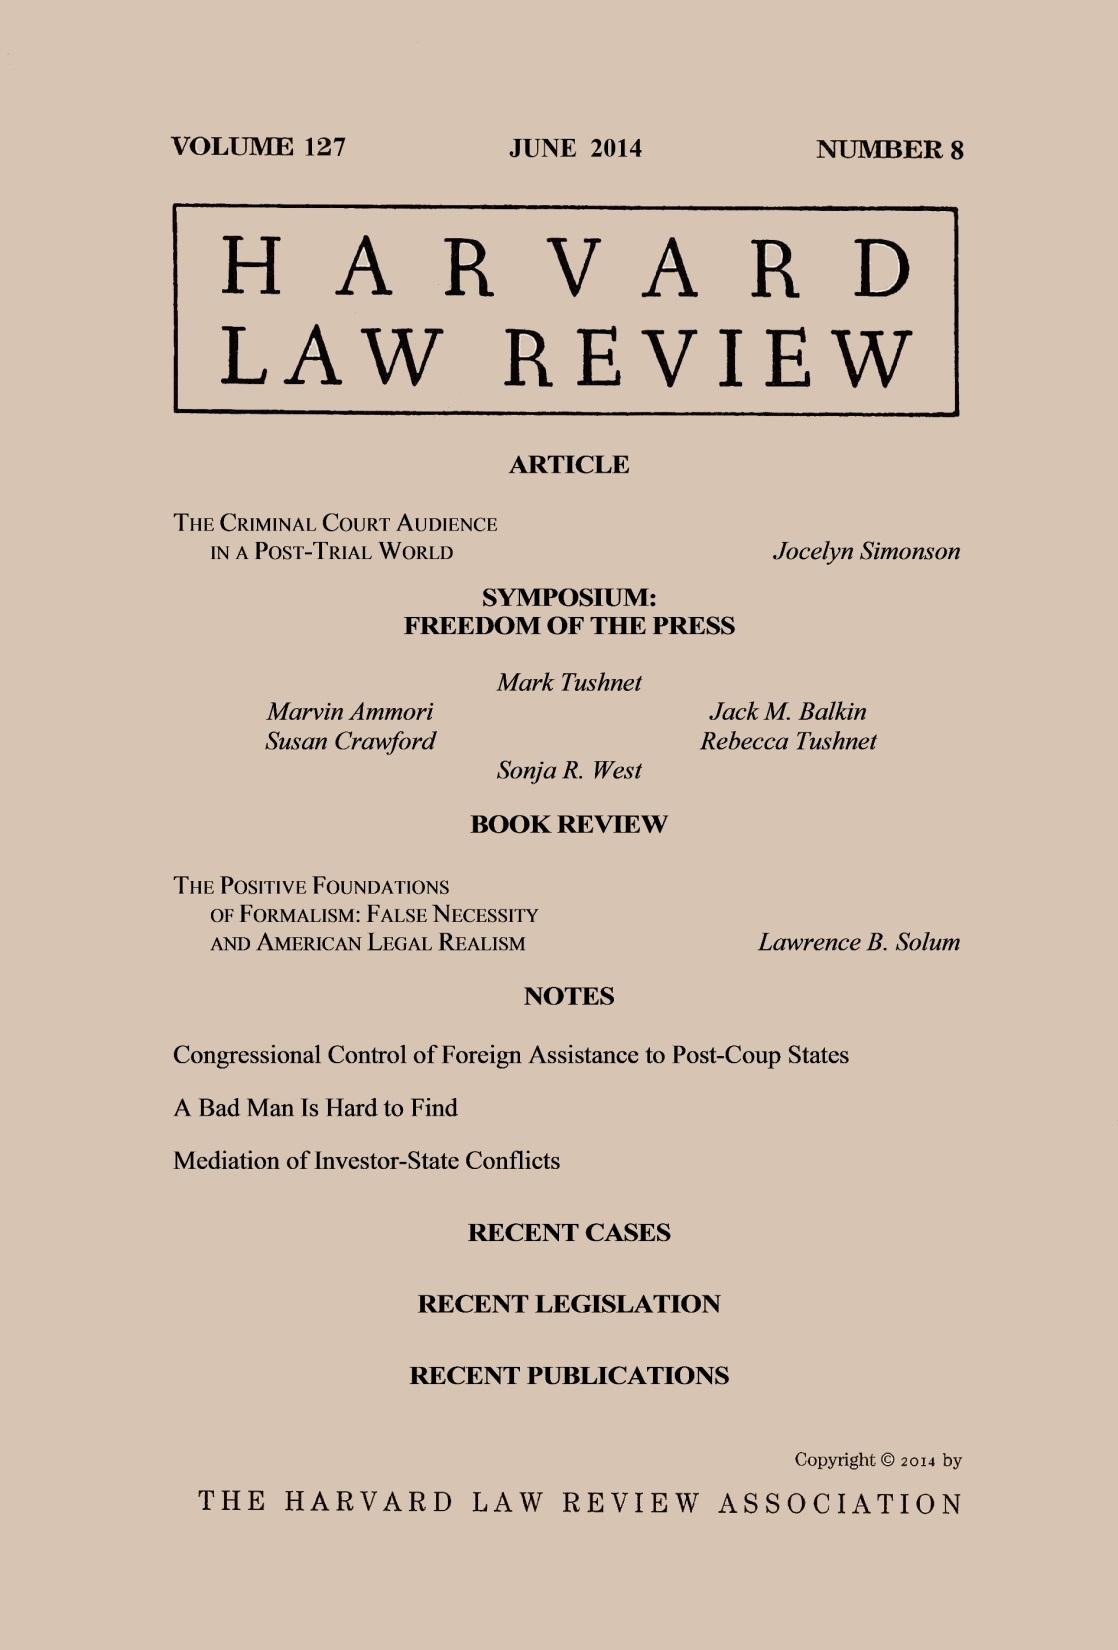 american legal realism essay